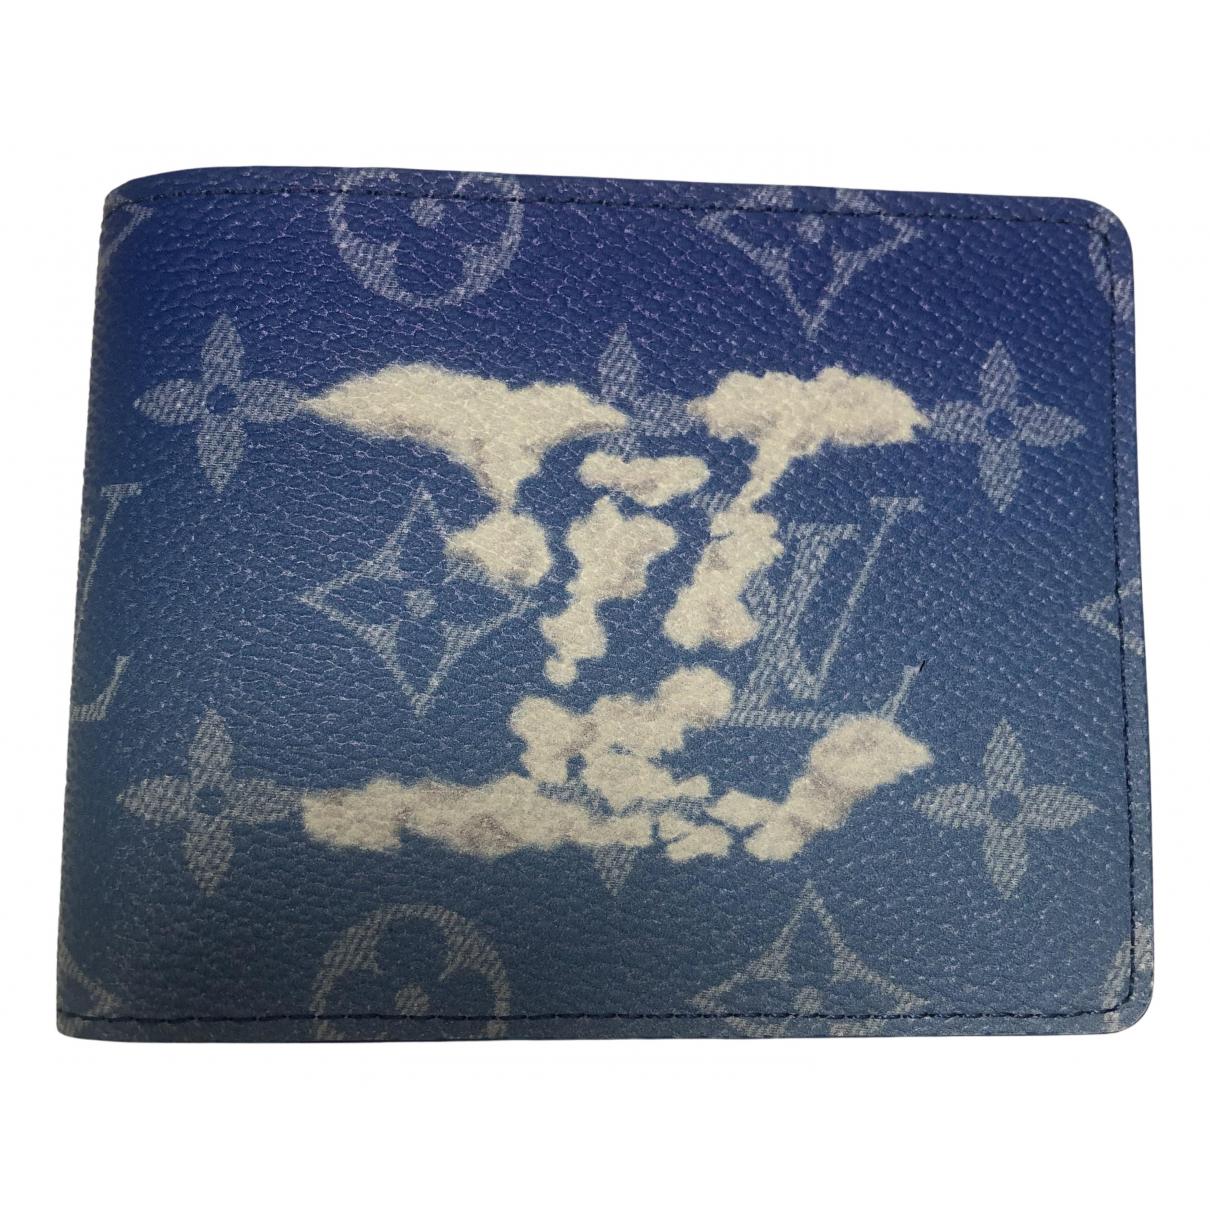 Louis Vuitton - Petite maroquinerie   pour homme en toile